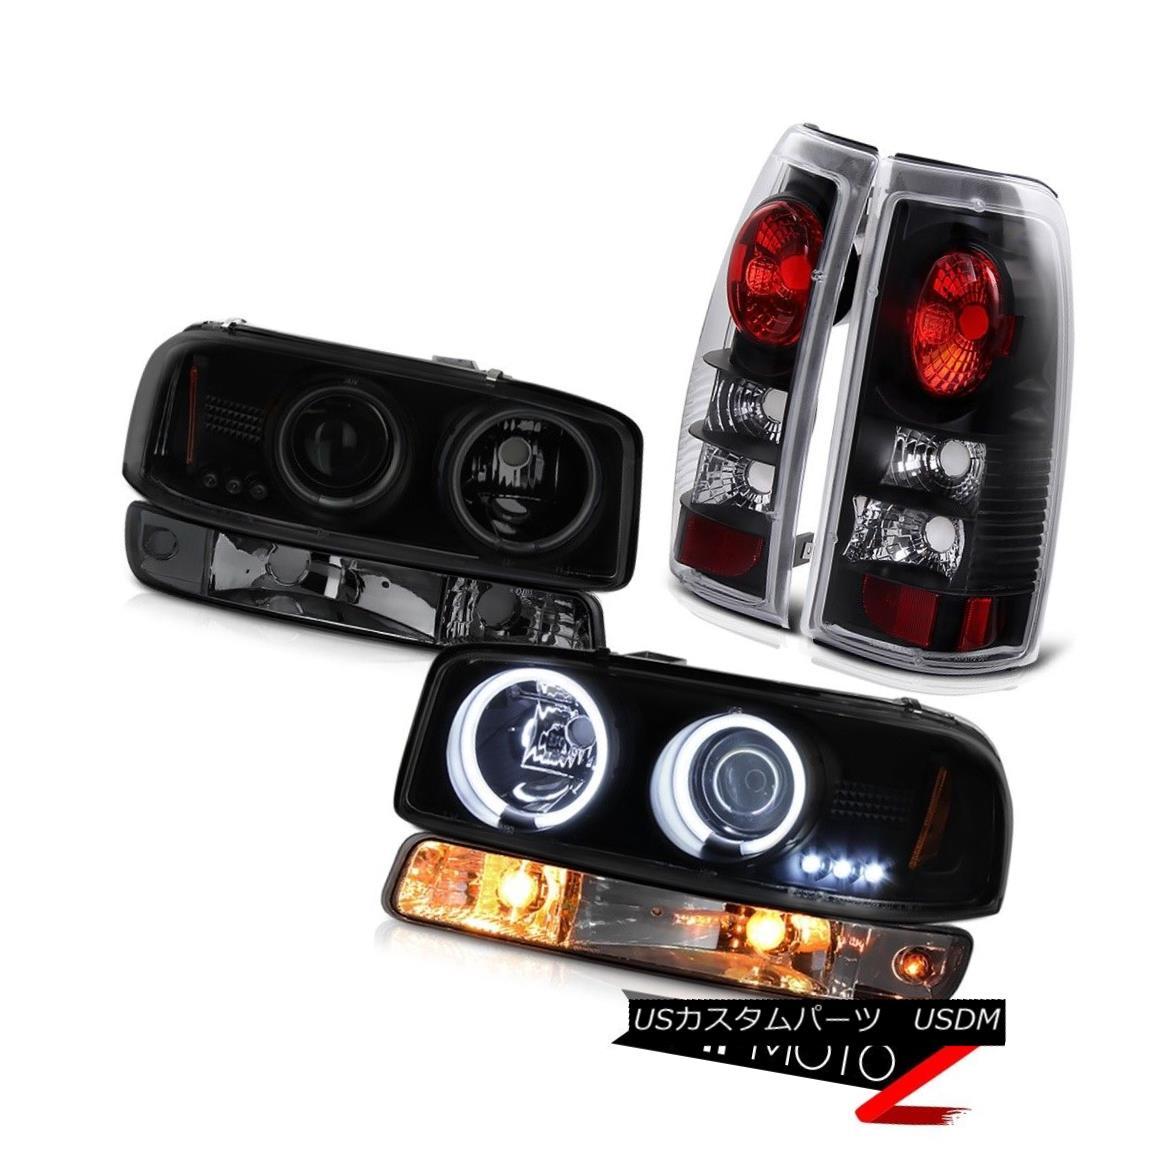 テールライト 99 00 01 02 Sierra 1500 Parking brake lights smokey bumper light ccfl headlights 99 00 01 02 Sierra 1500パーキングブレーキライトスモーバンパーライトccflヘッドライト